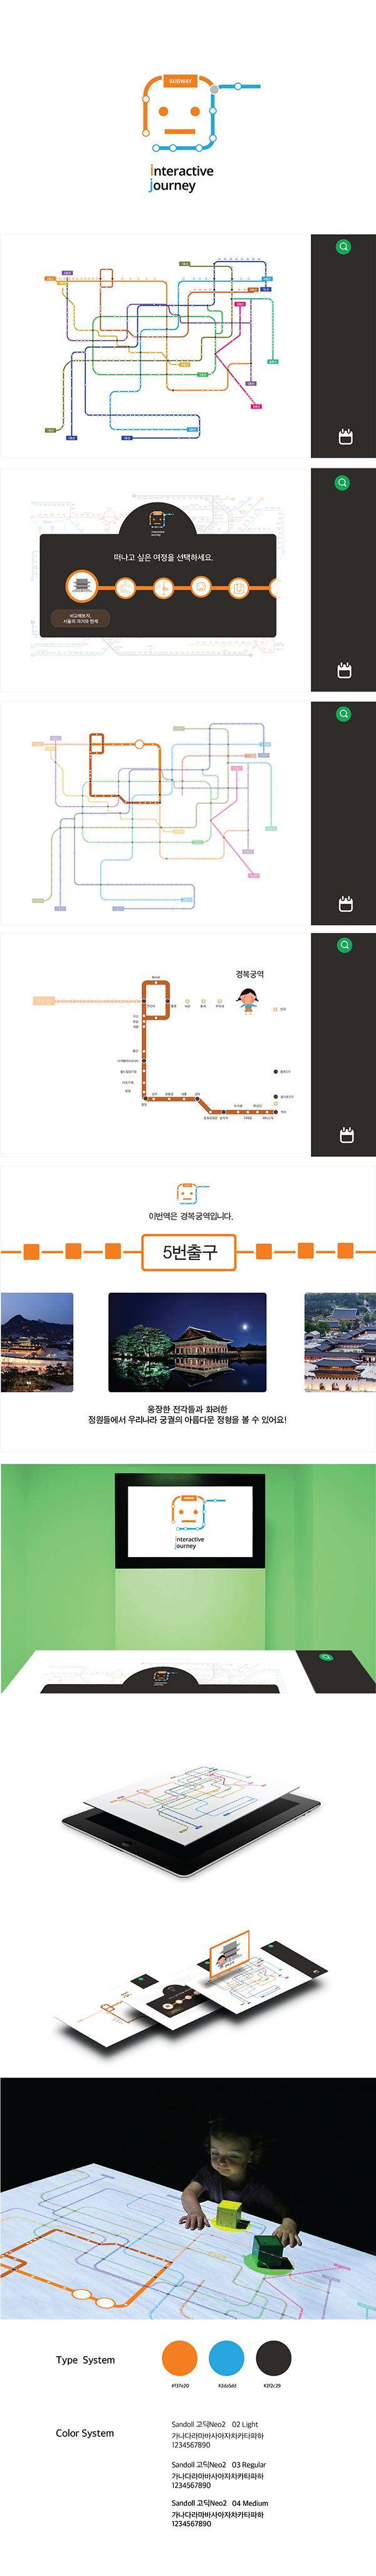 권민정 │ Information Visualization 2014│ Dept. of Digital Media Design │#hicoda │hicoda.hongik.ac.kr